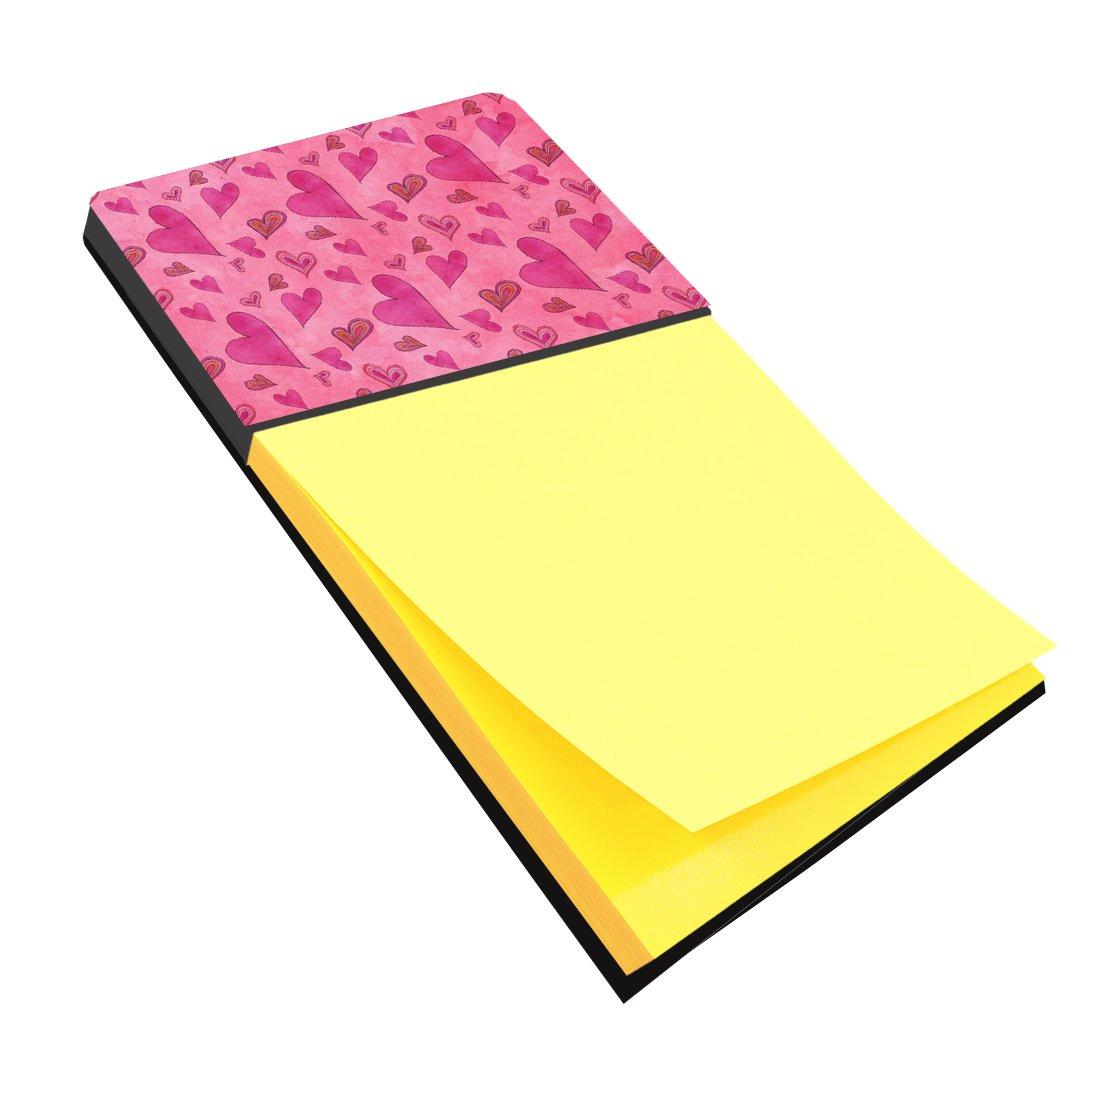 Carolines Treasures Desk Artwork Notepad Holder BB7550SN Multicolor